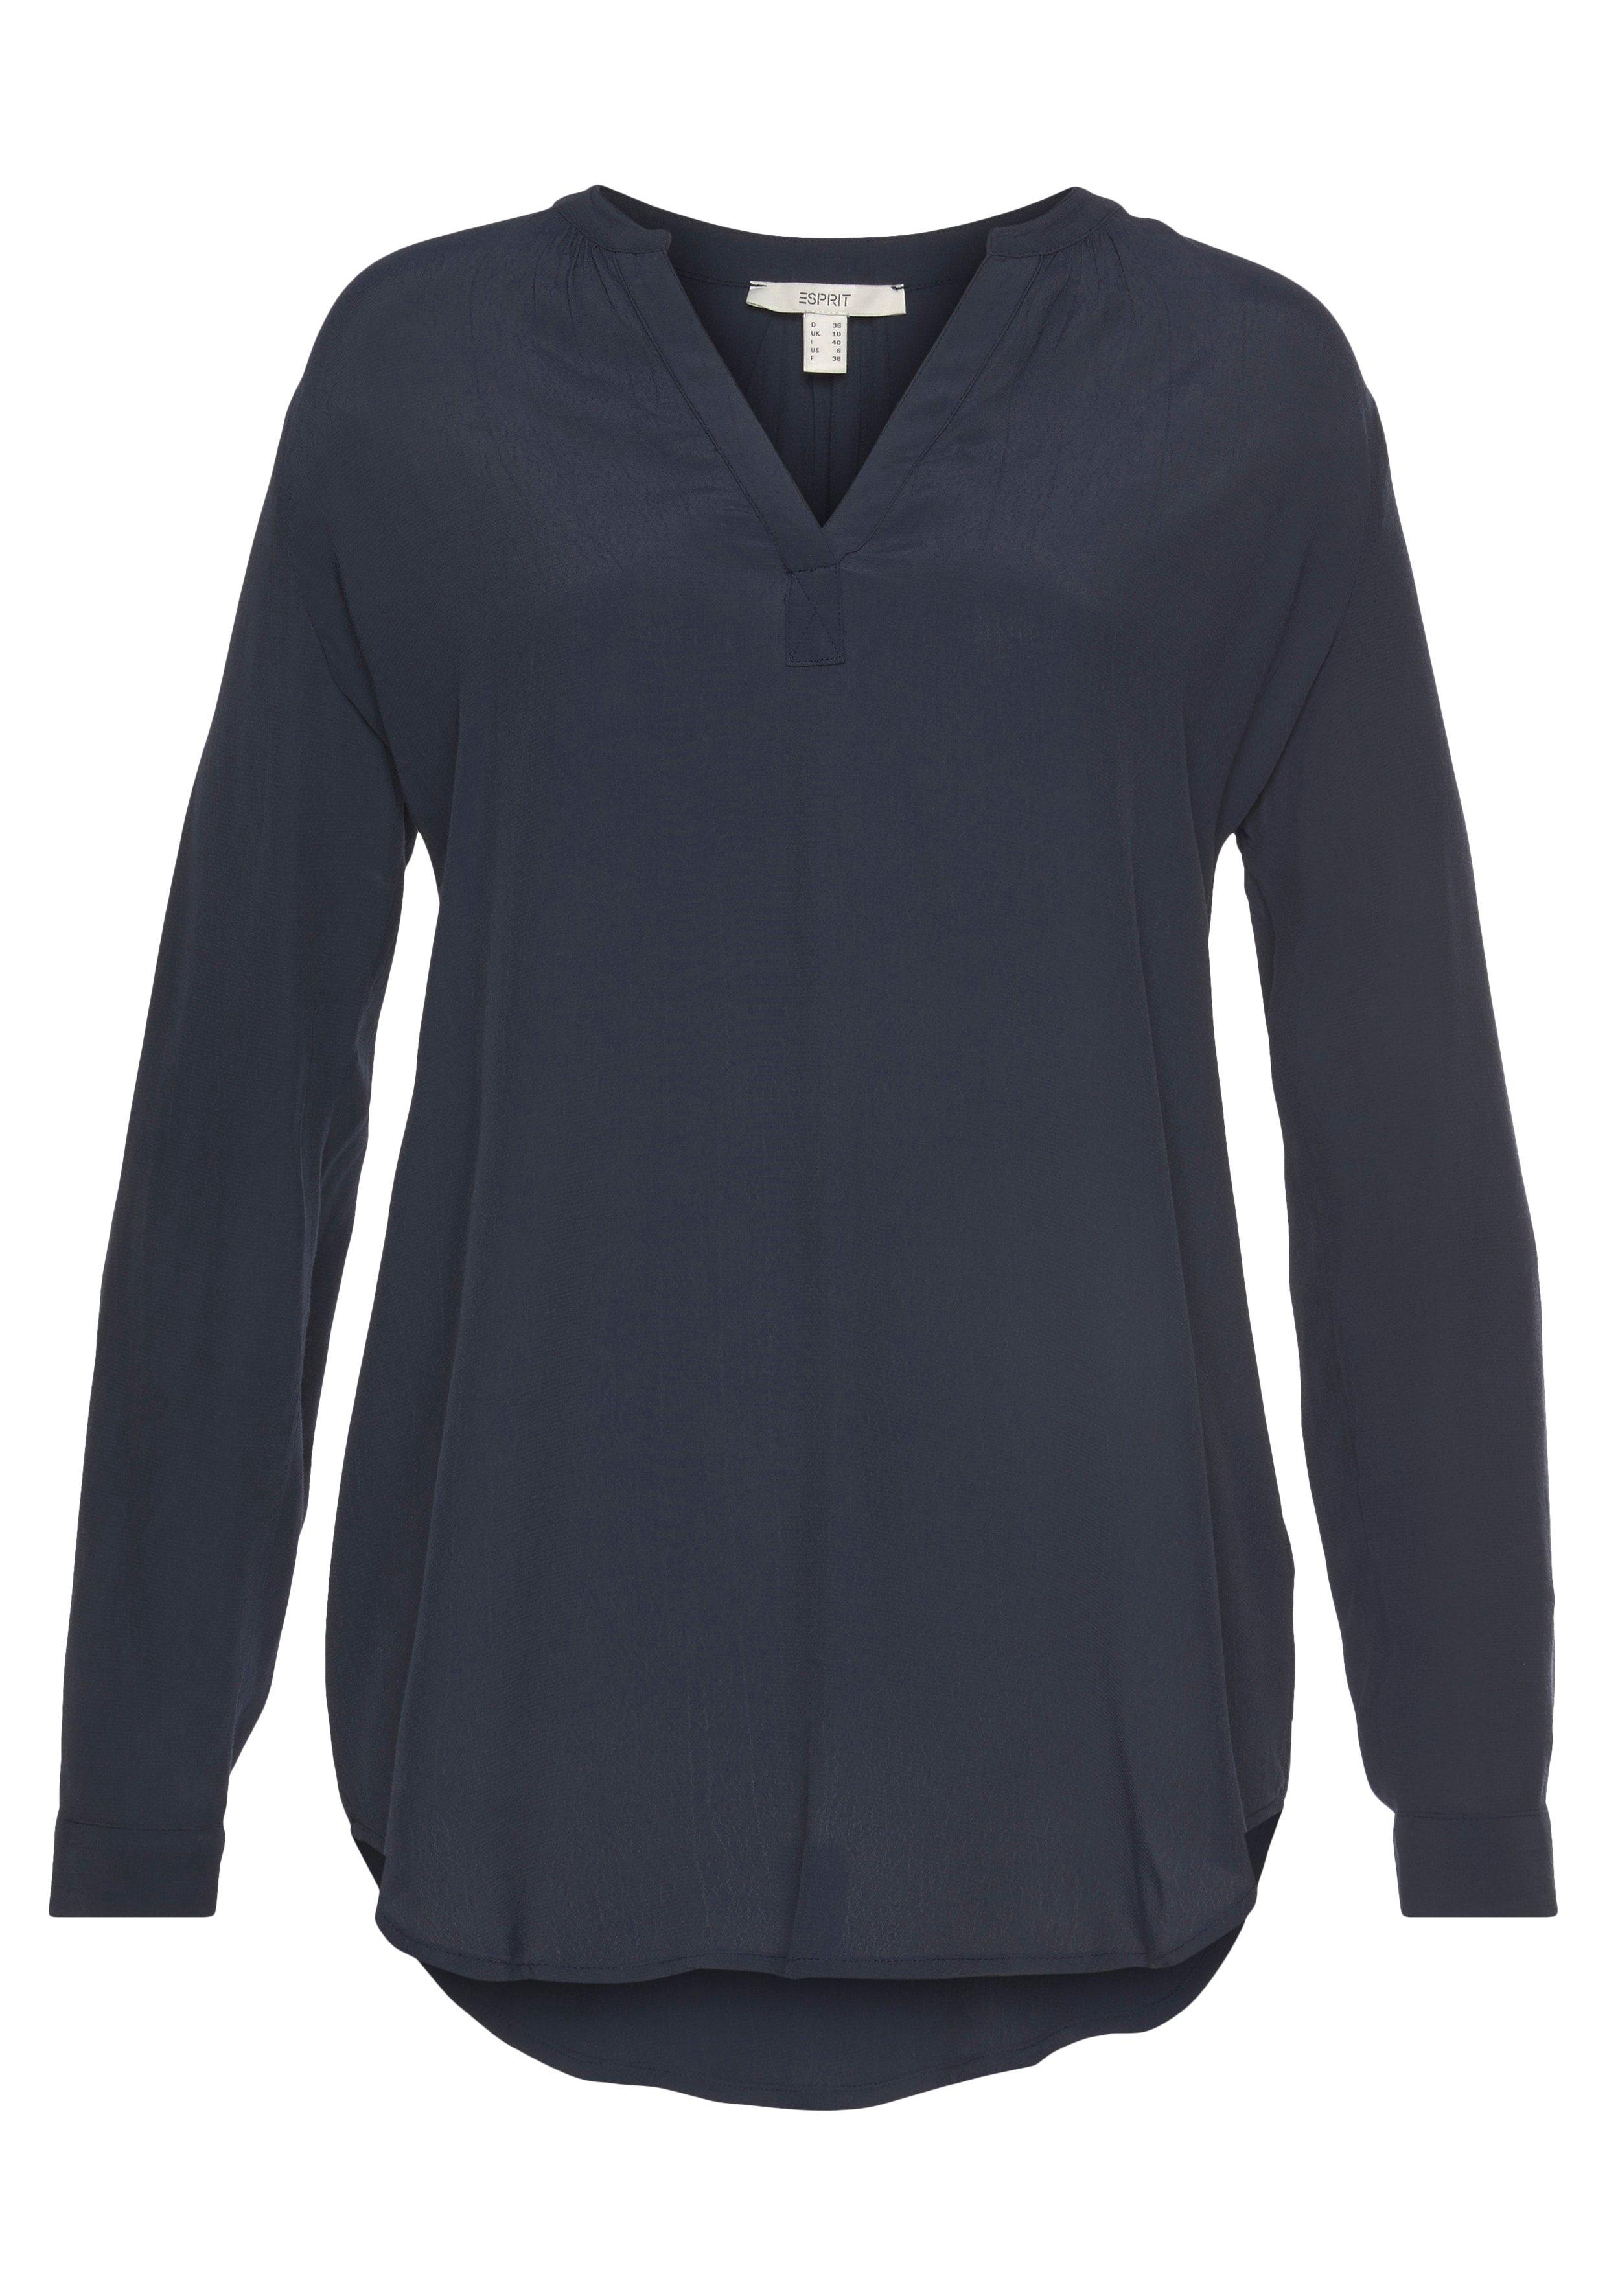 Esprit blouse zonder sluiting in tuniekmodel en met een afgeronde zoom goedkoop op otto.nl kopen